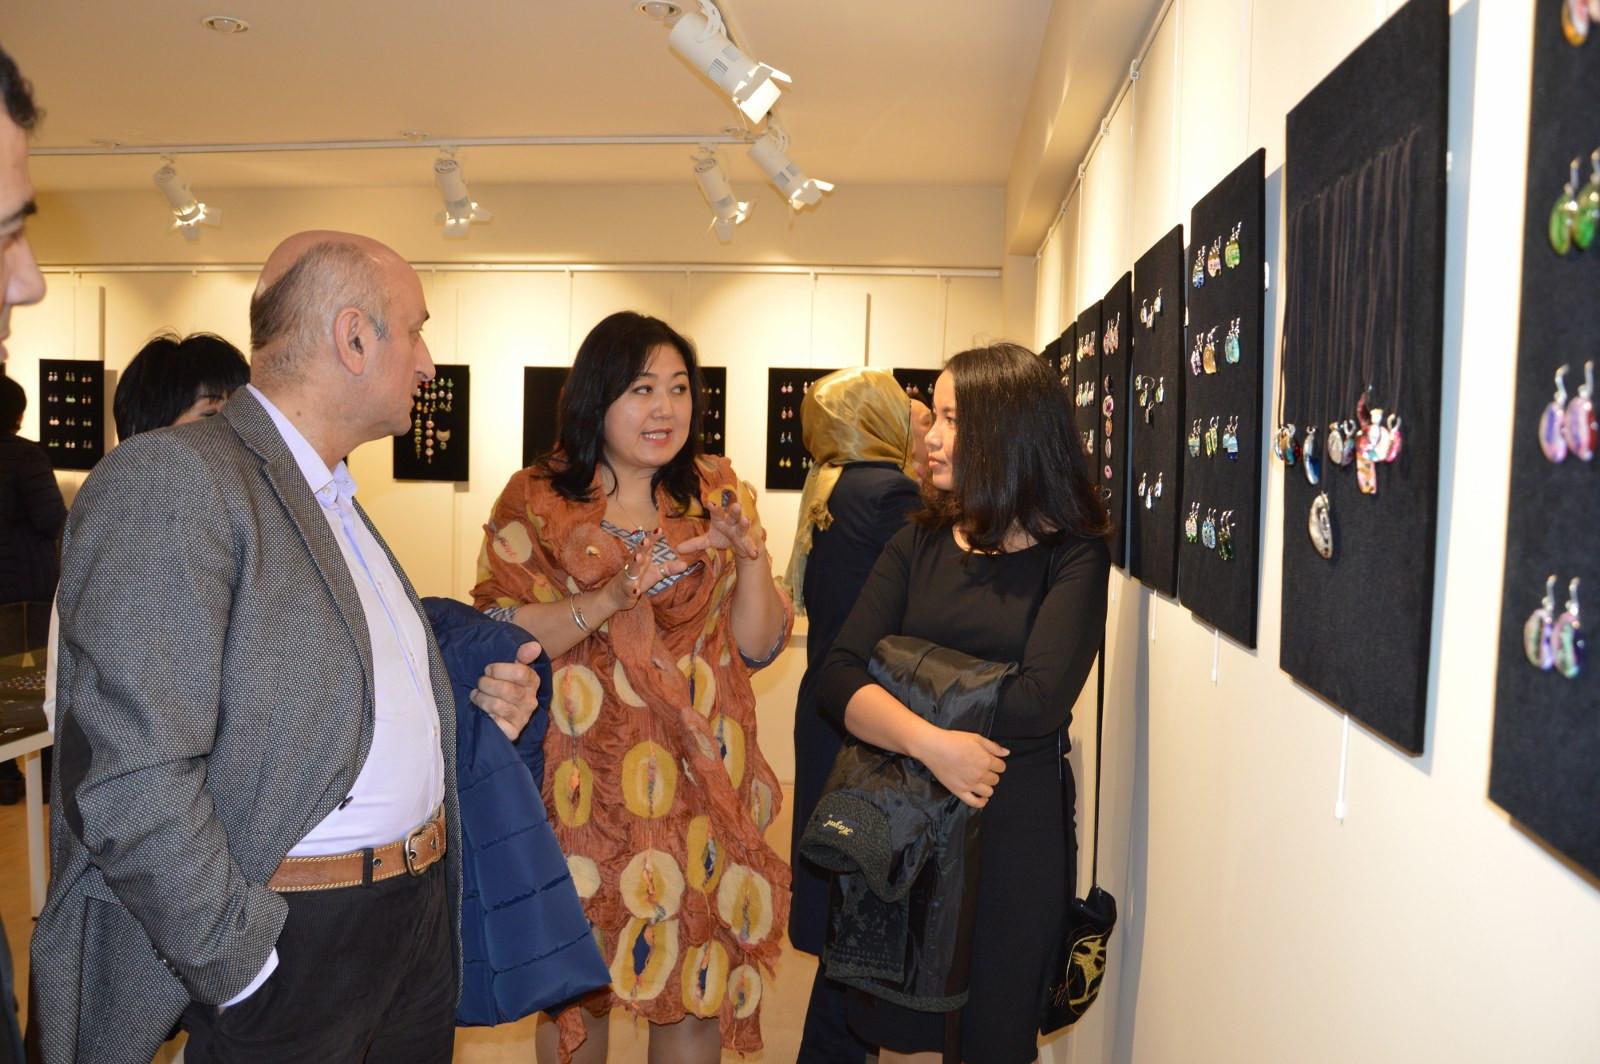 """İstanbul Büyükşehir Belediyesi'nin destekleriyle Kazıbekova'nın """"Cama İşlenen Sanat"""" sergisi Türk Dünyası Kültür Mahallesi'nde açıldı Galeri - 7. Resim"""